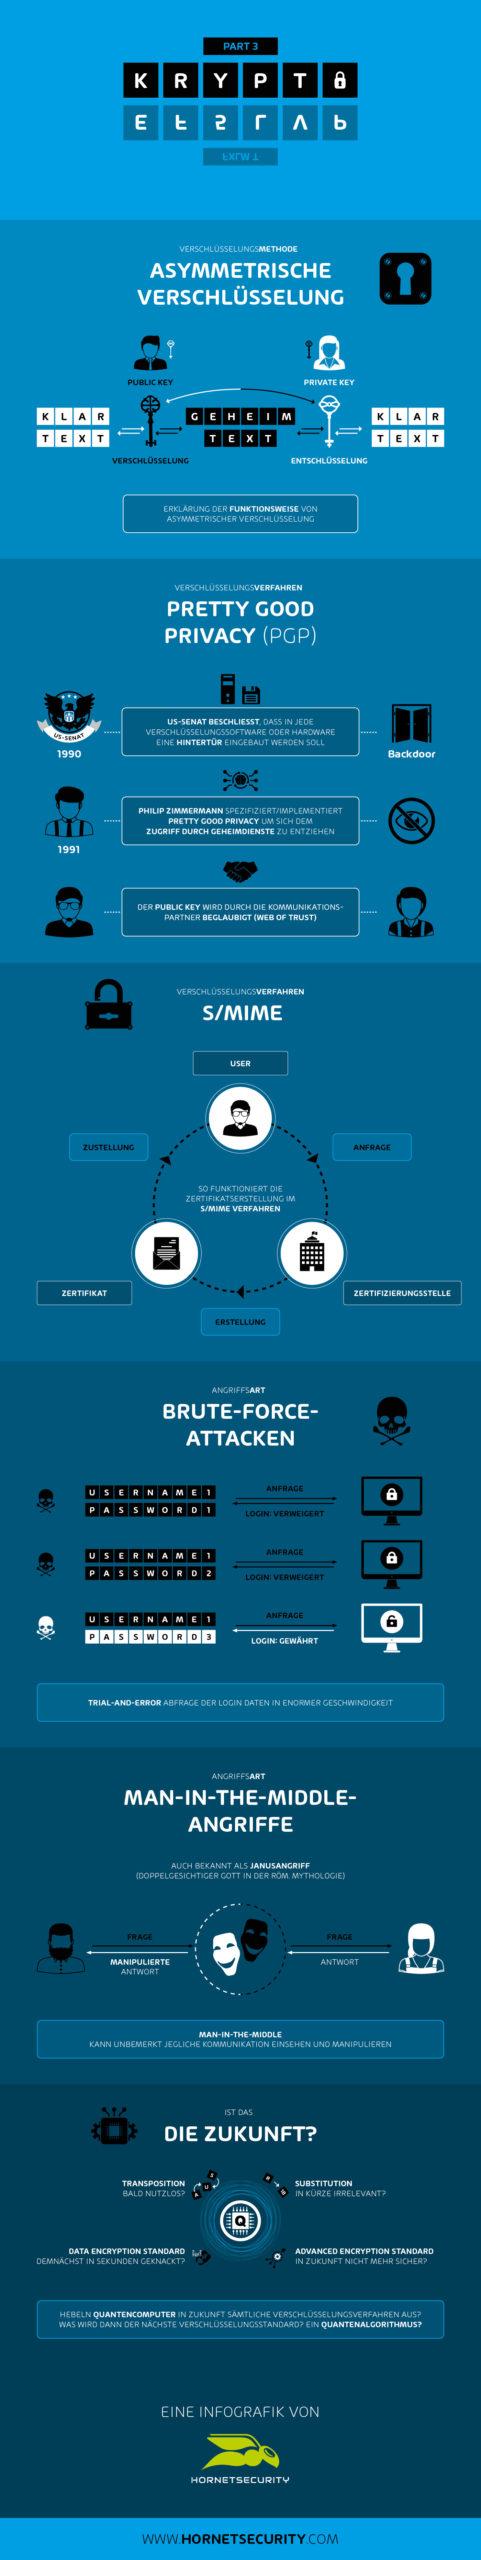 Eine Reise durch die Geschichte der Kryptografie - Infografik von Hornetsecurity